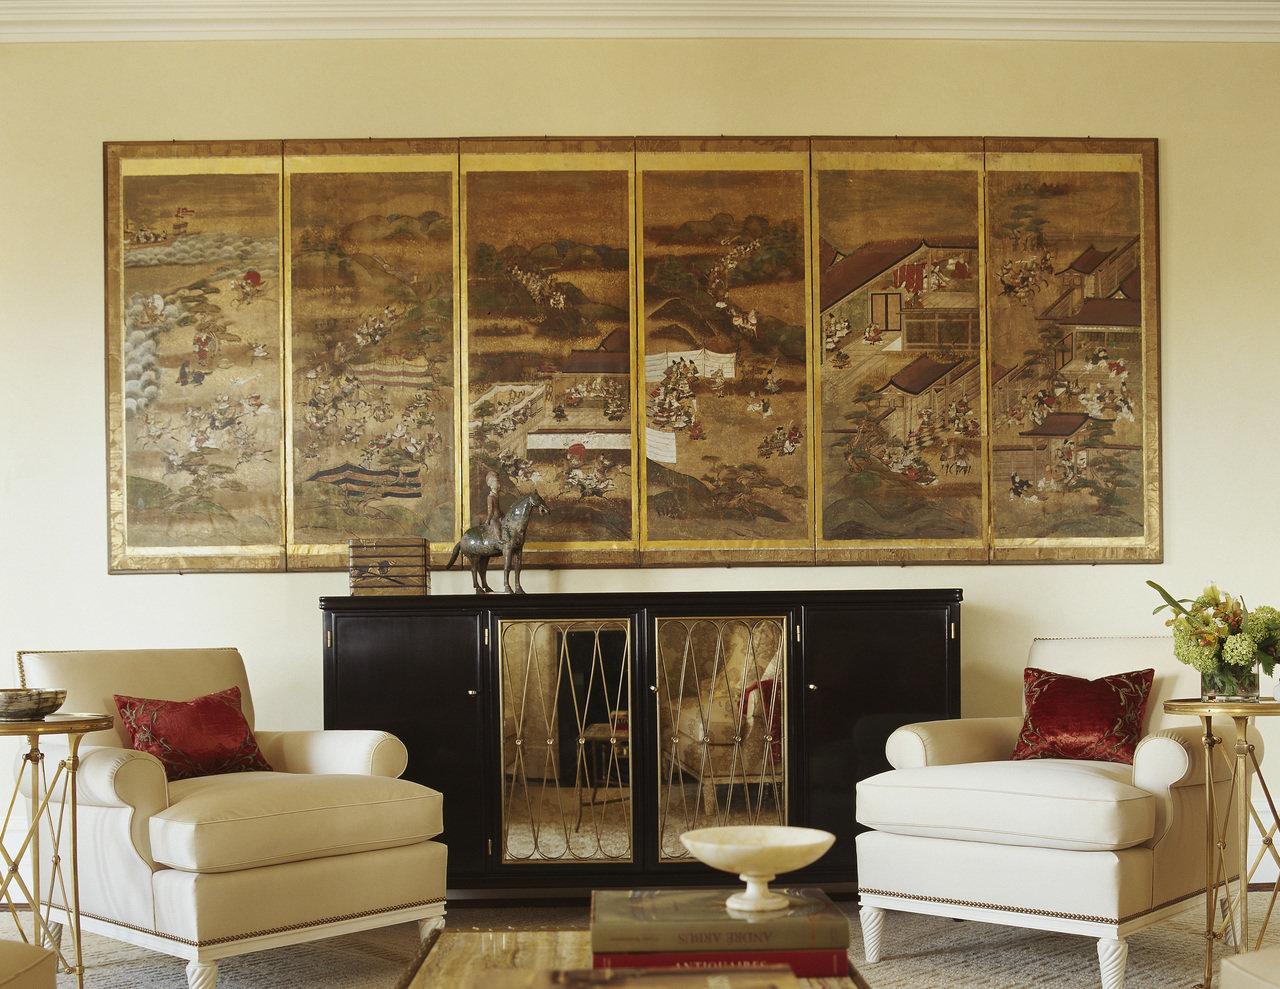 Las obras de arte orientales y los objetos se combinan con muebles más tradicionales y acentos modern